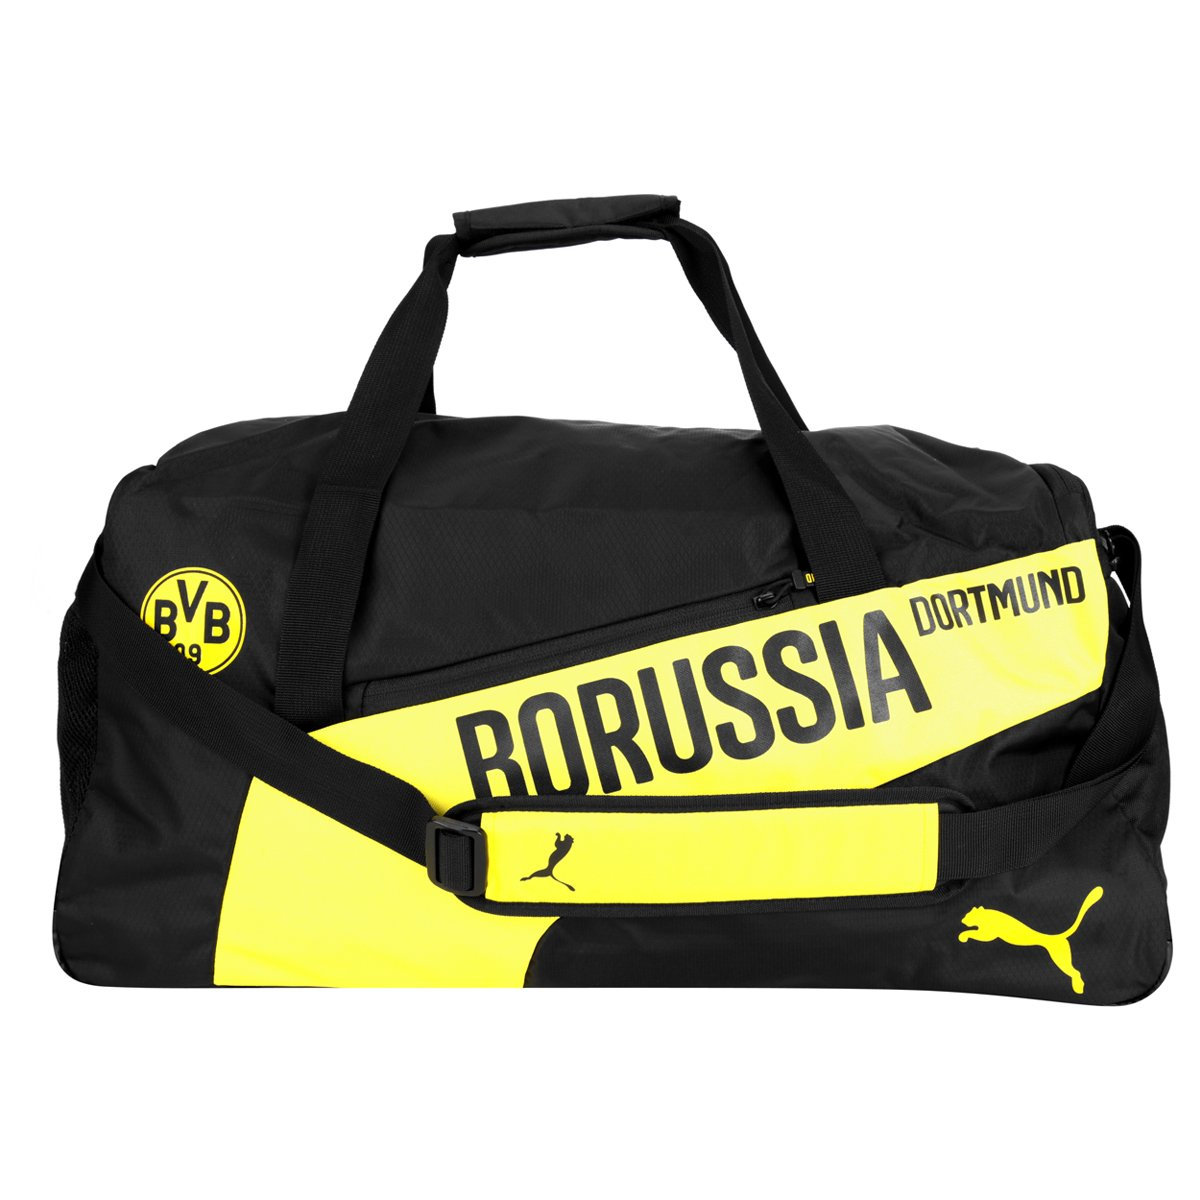 67beb03a269 Mala Borussia Dortmund Puma Evospeed Medium - Compre Agora